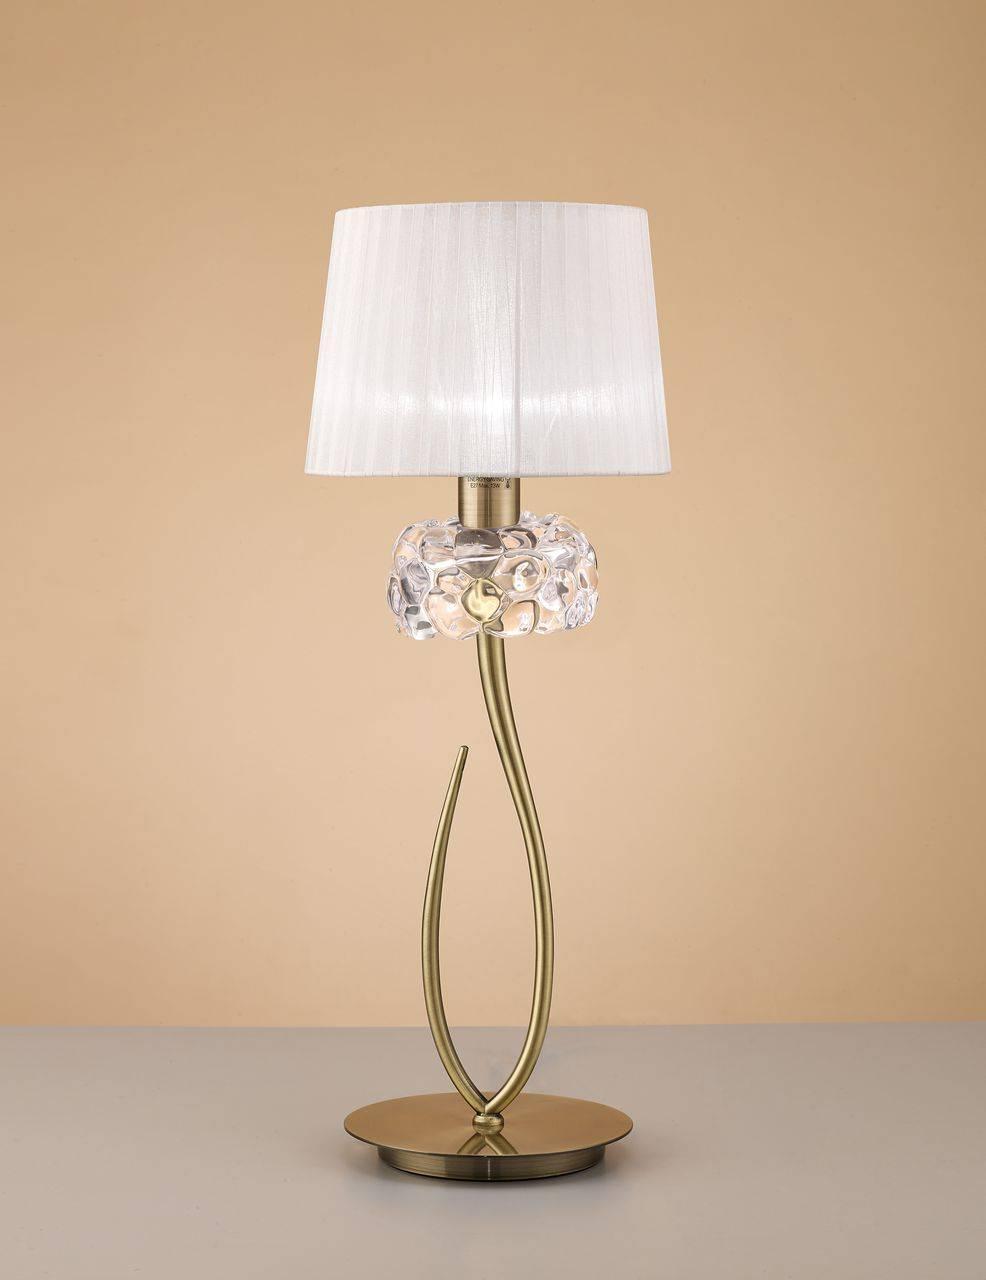 Фото - Настольная лампа Mantra Loewe 4736 настольная лампа декоративная mantra loewe 4737